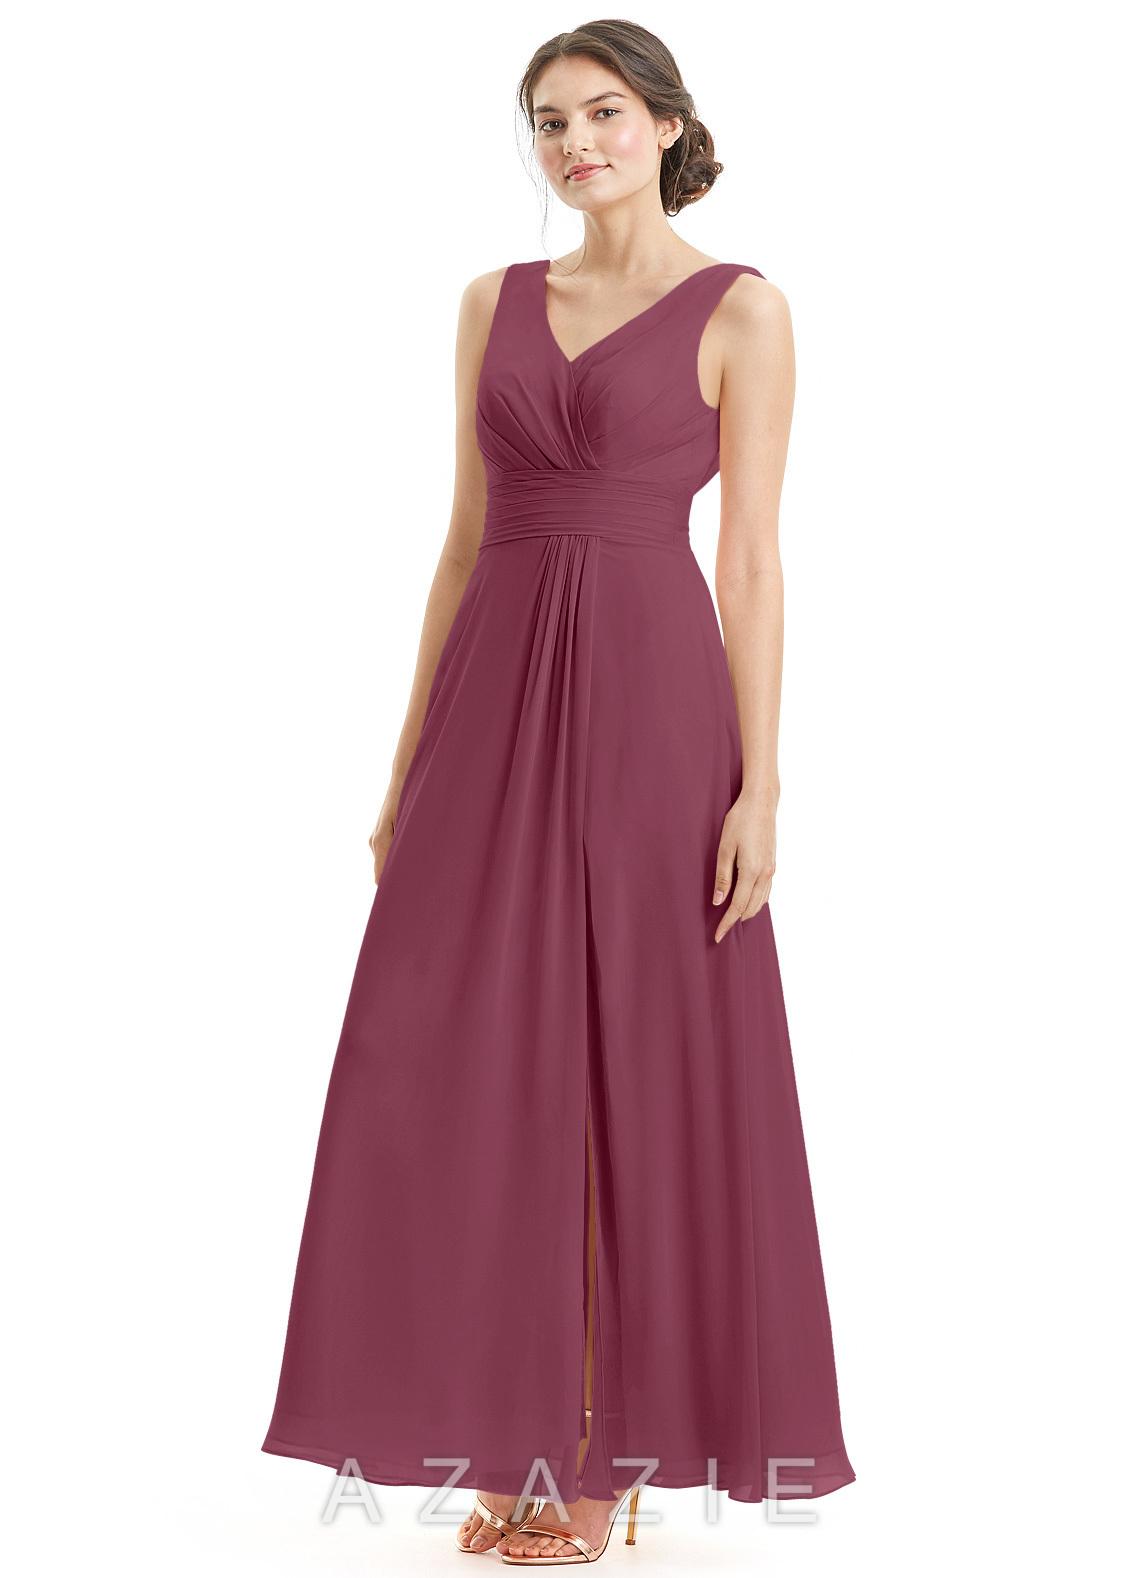 1a41583a935b Azazie Karina Bridesmaid Dresses